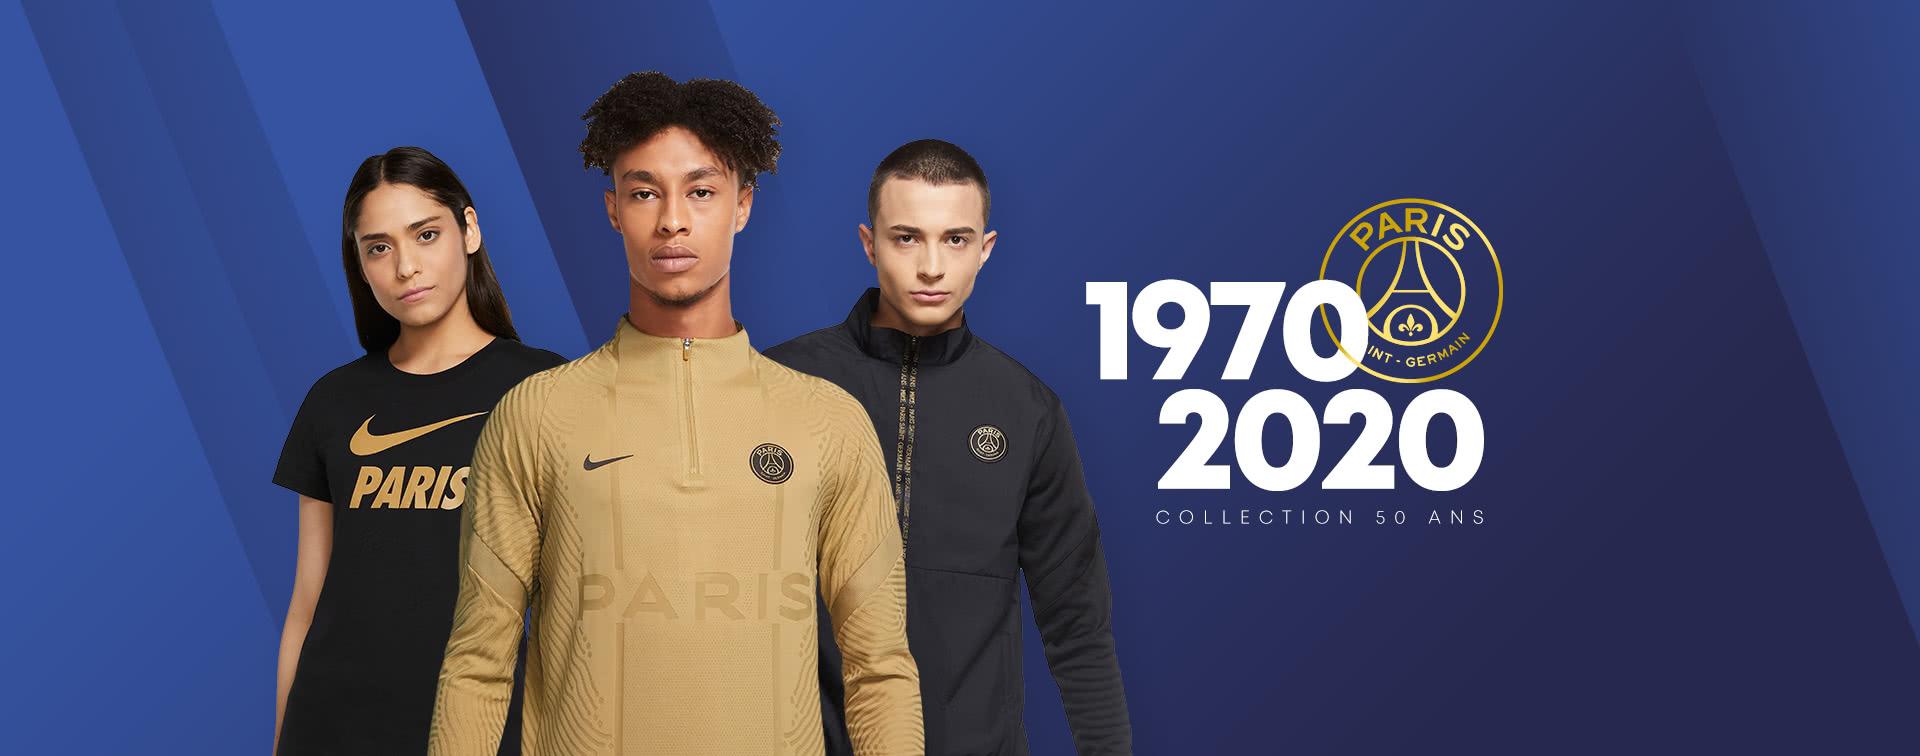 Maillots PSG 2020/21